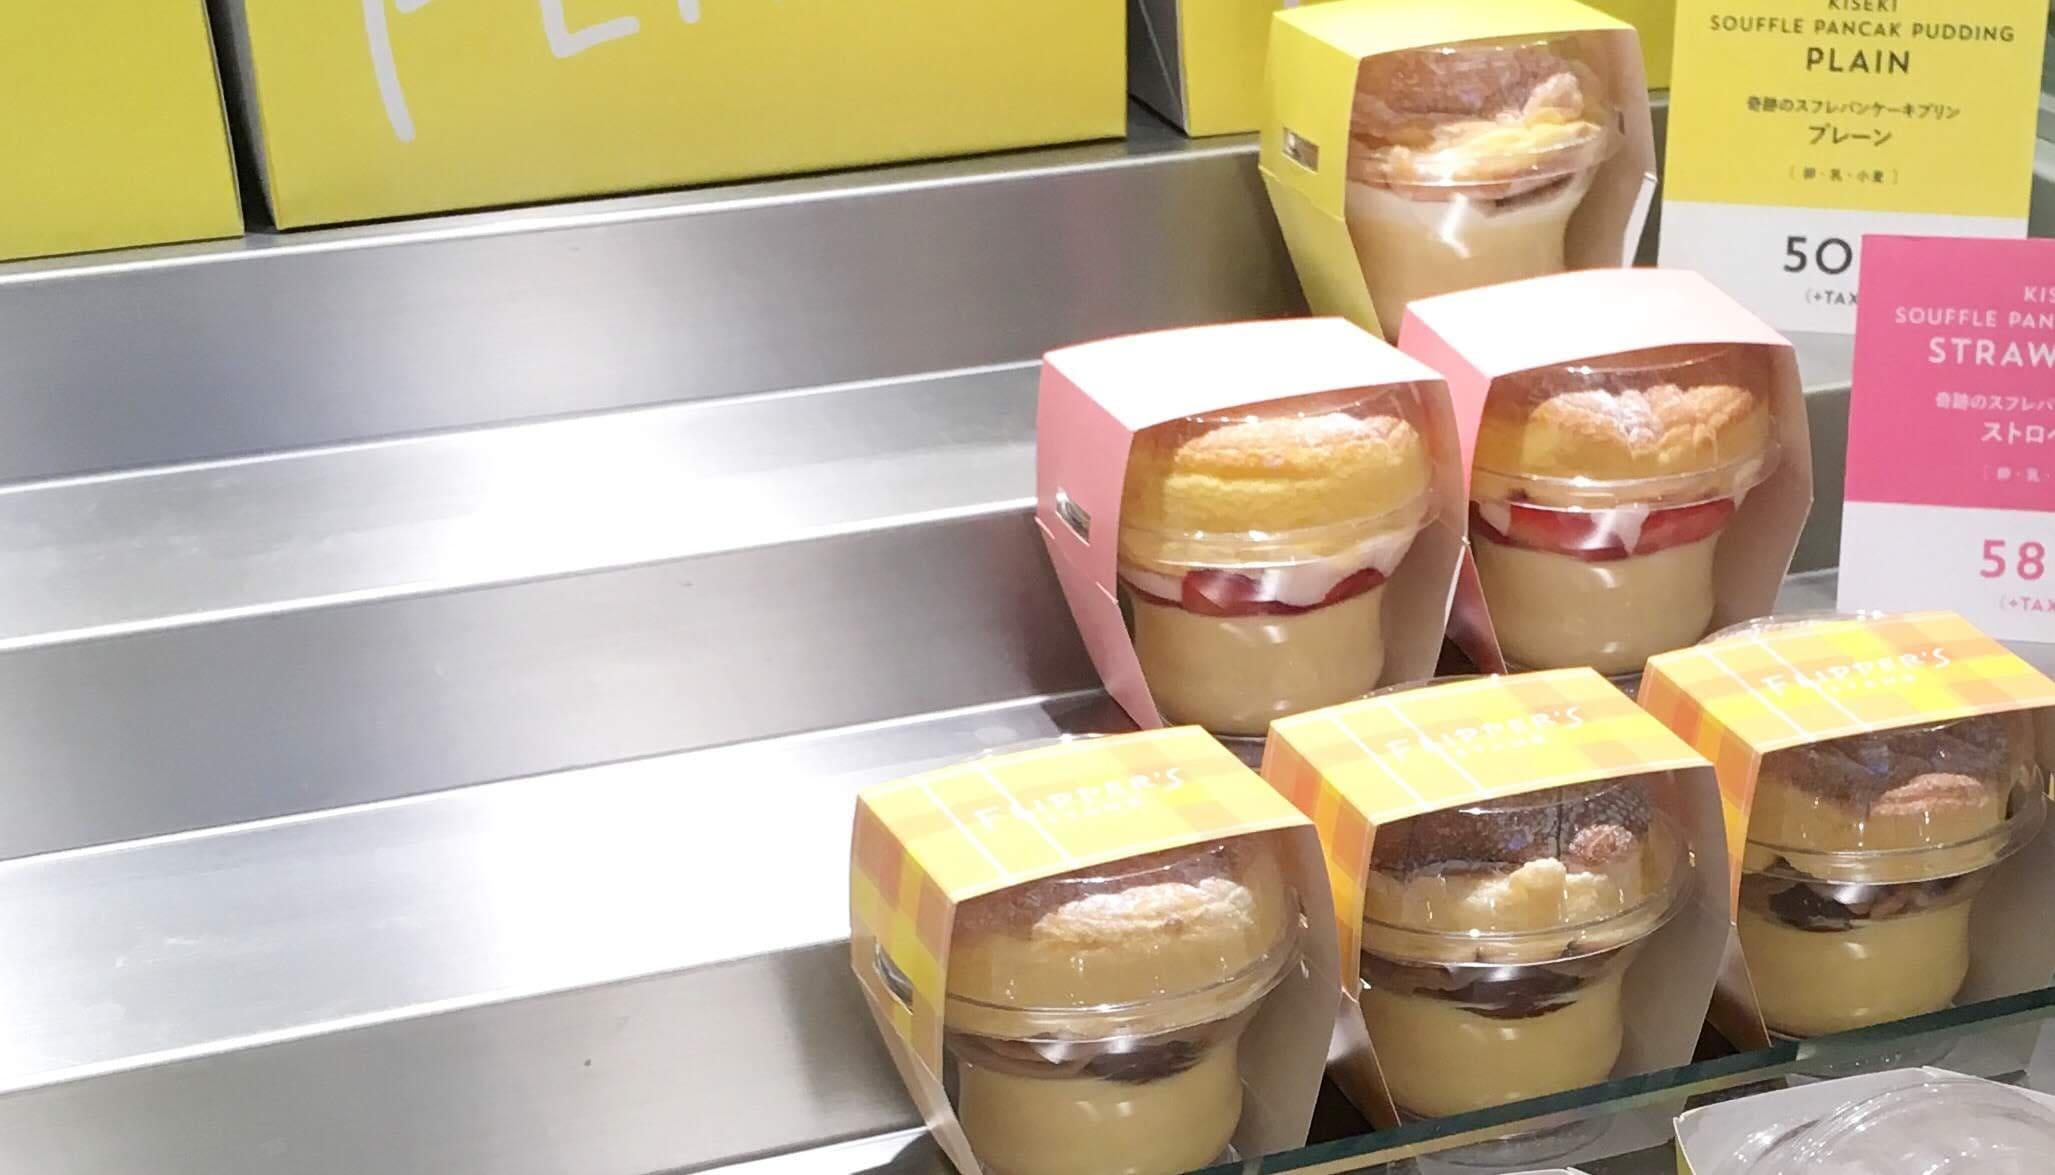 フリッパーズスタンドのスフレパンケーキのディスプレイ